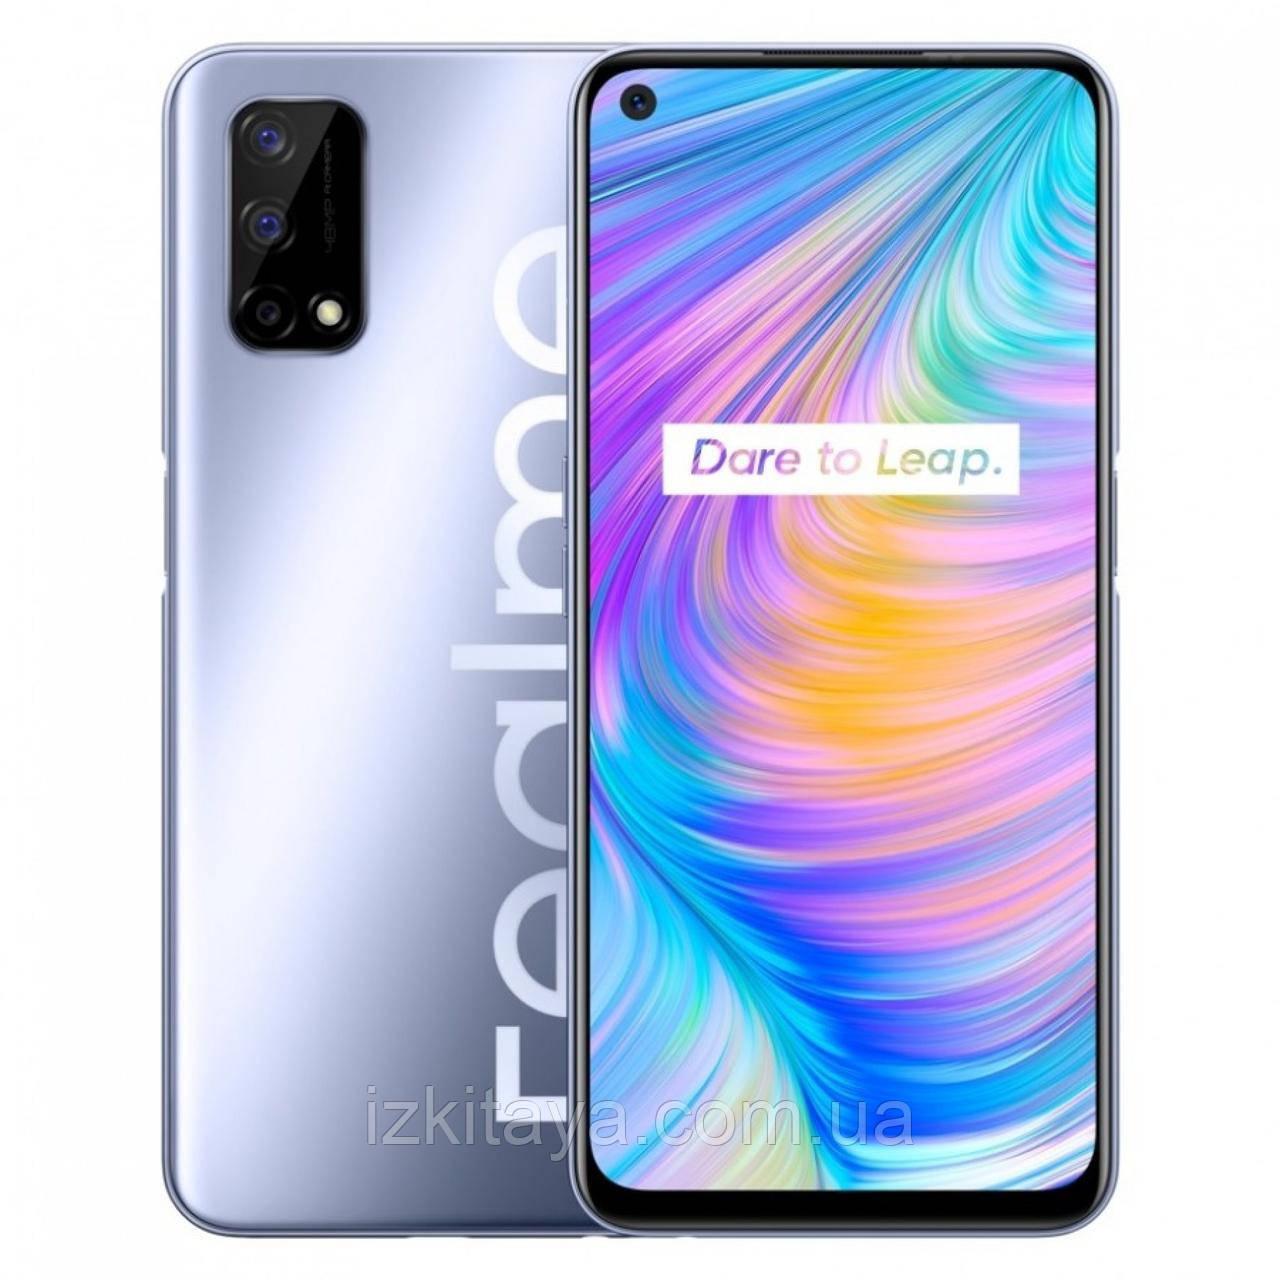 Смартфон Realme Q2 RMX2117 4/128Gb 5G silver + Свит ТВ 3 місяці безкоштовно